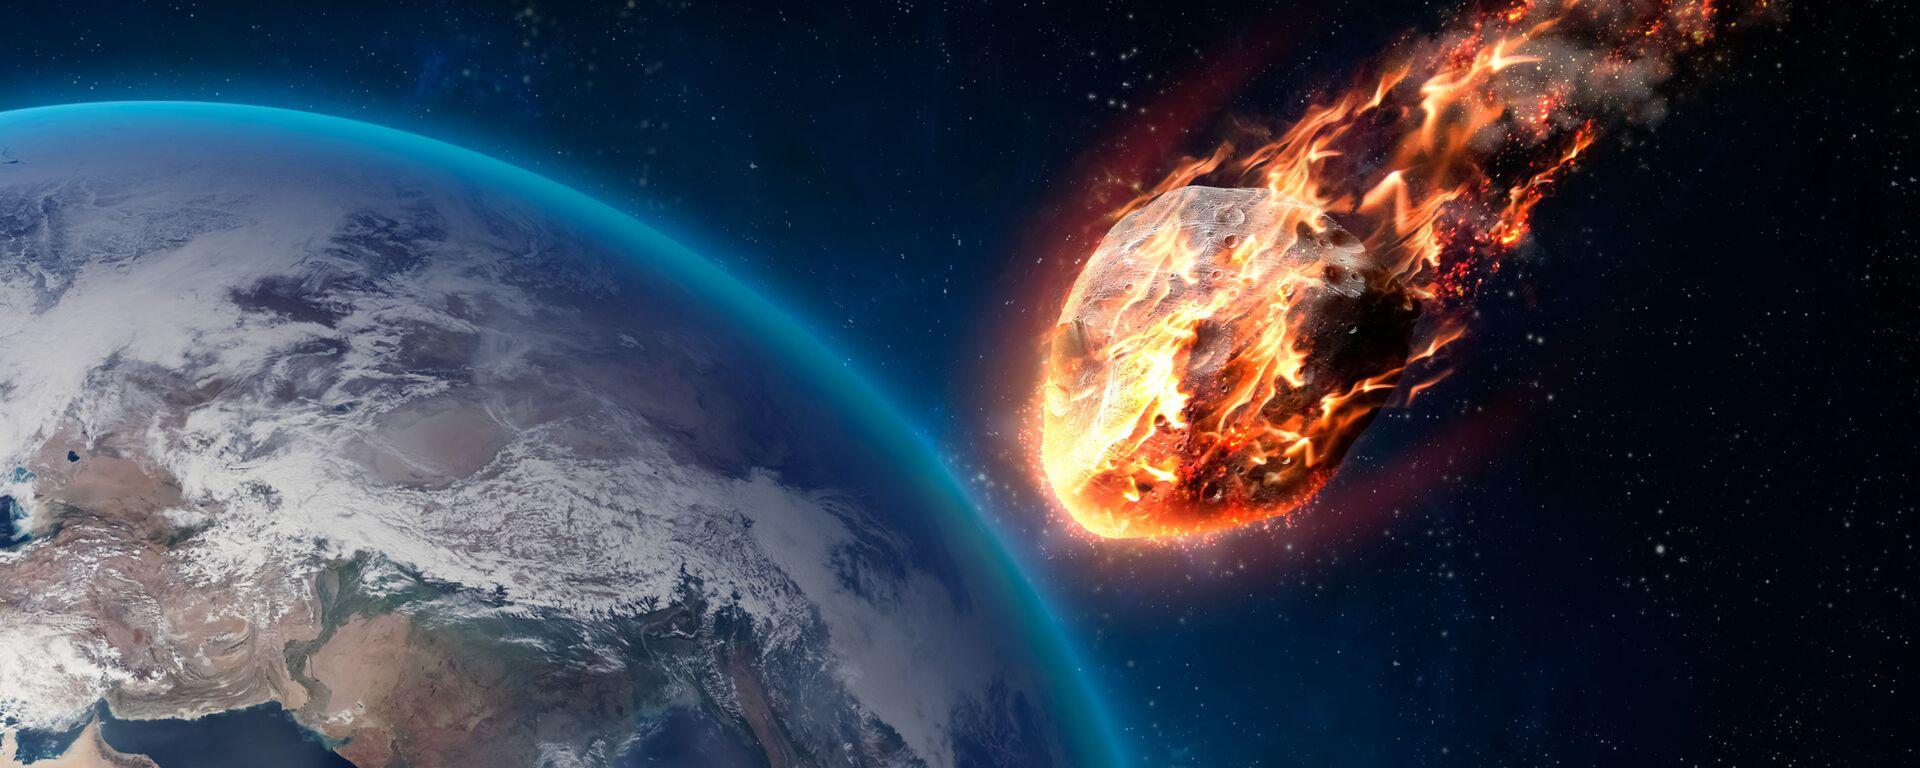 Горящий метеор во время входа в атмосферу Земли - Sputnik Ўзбекистон, 1920, 05.03.2021